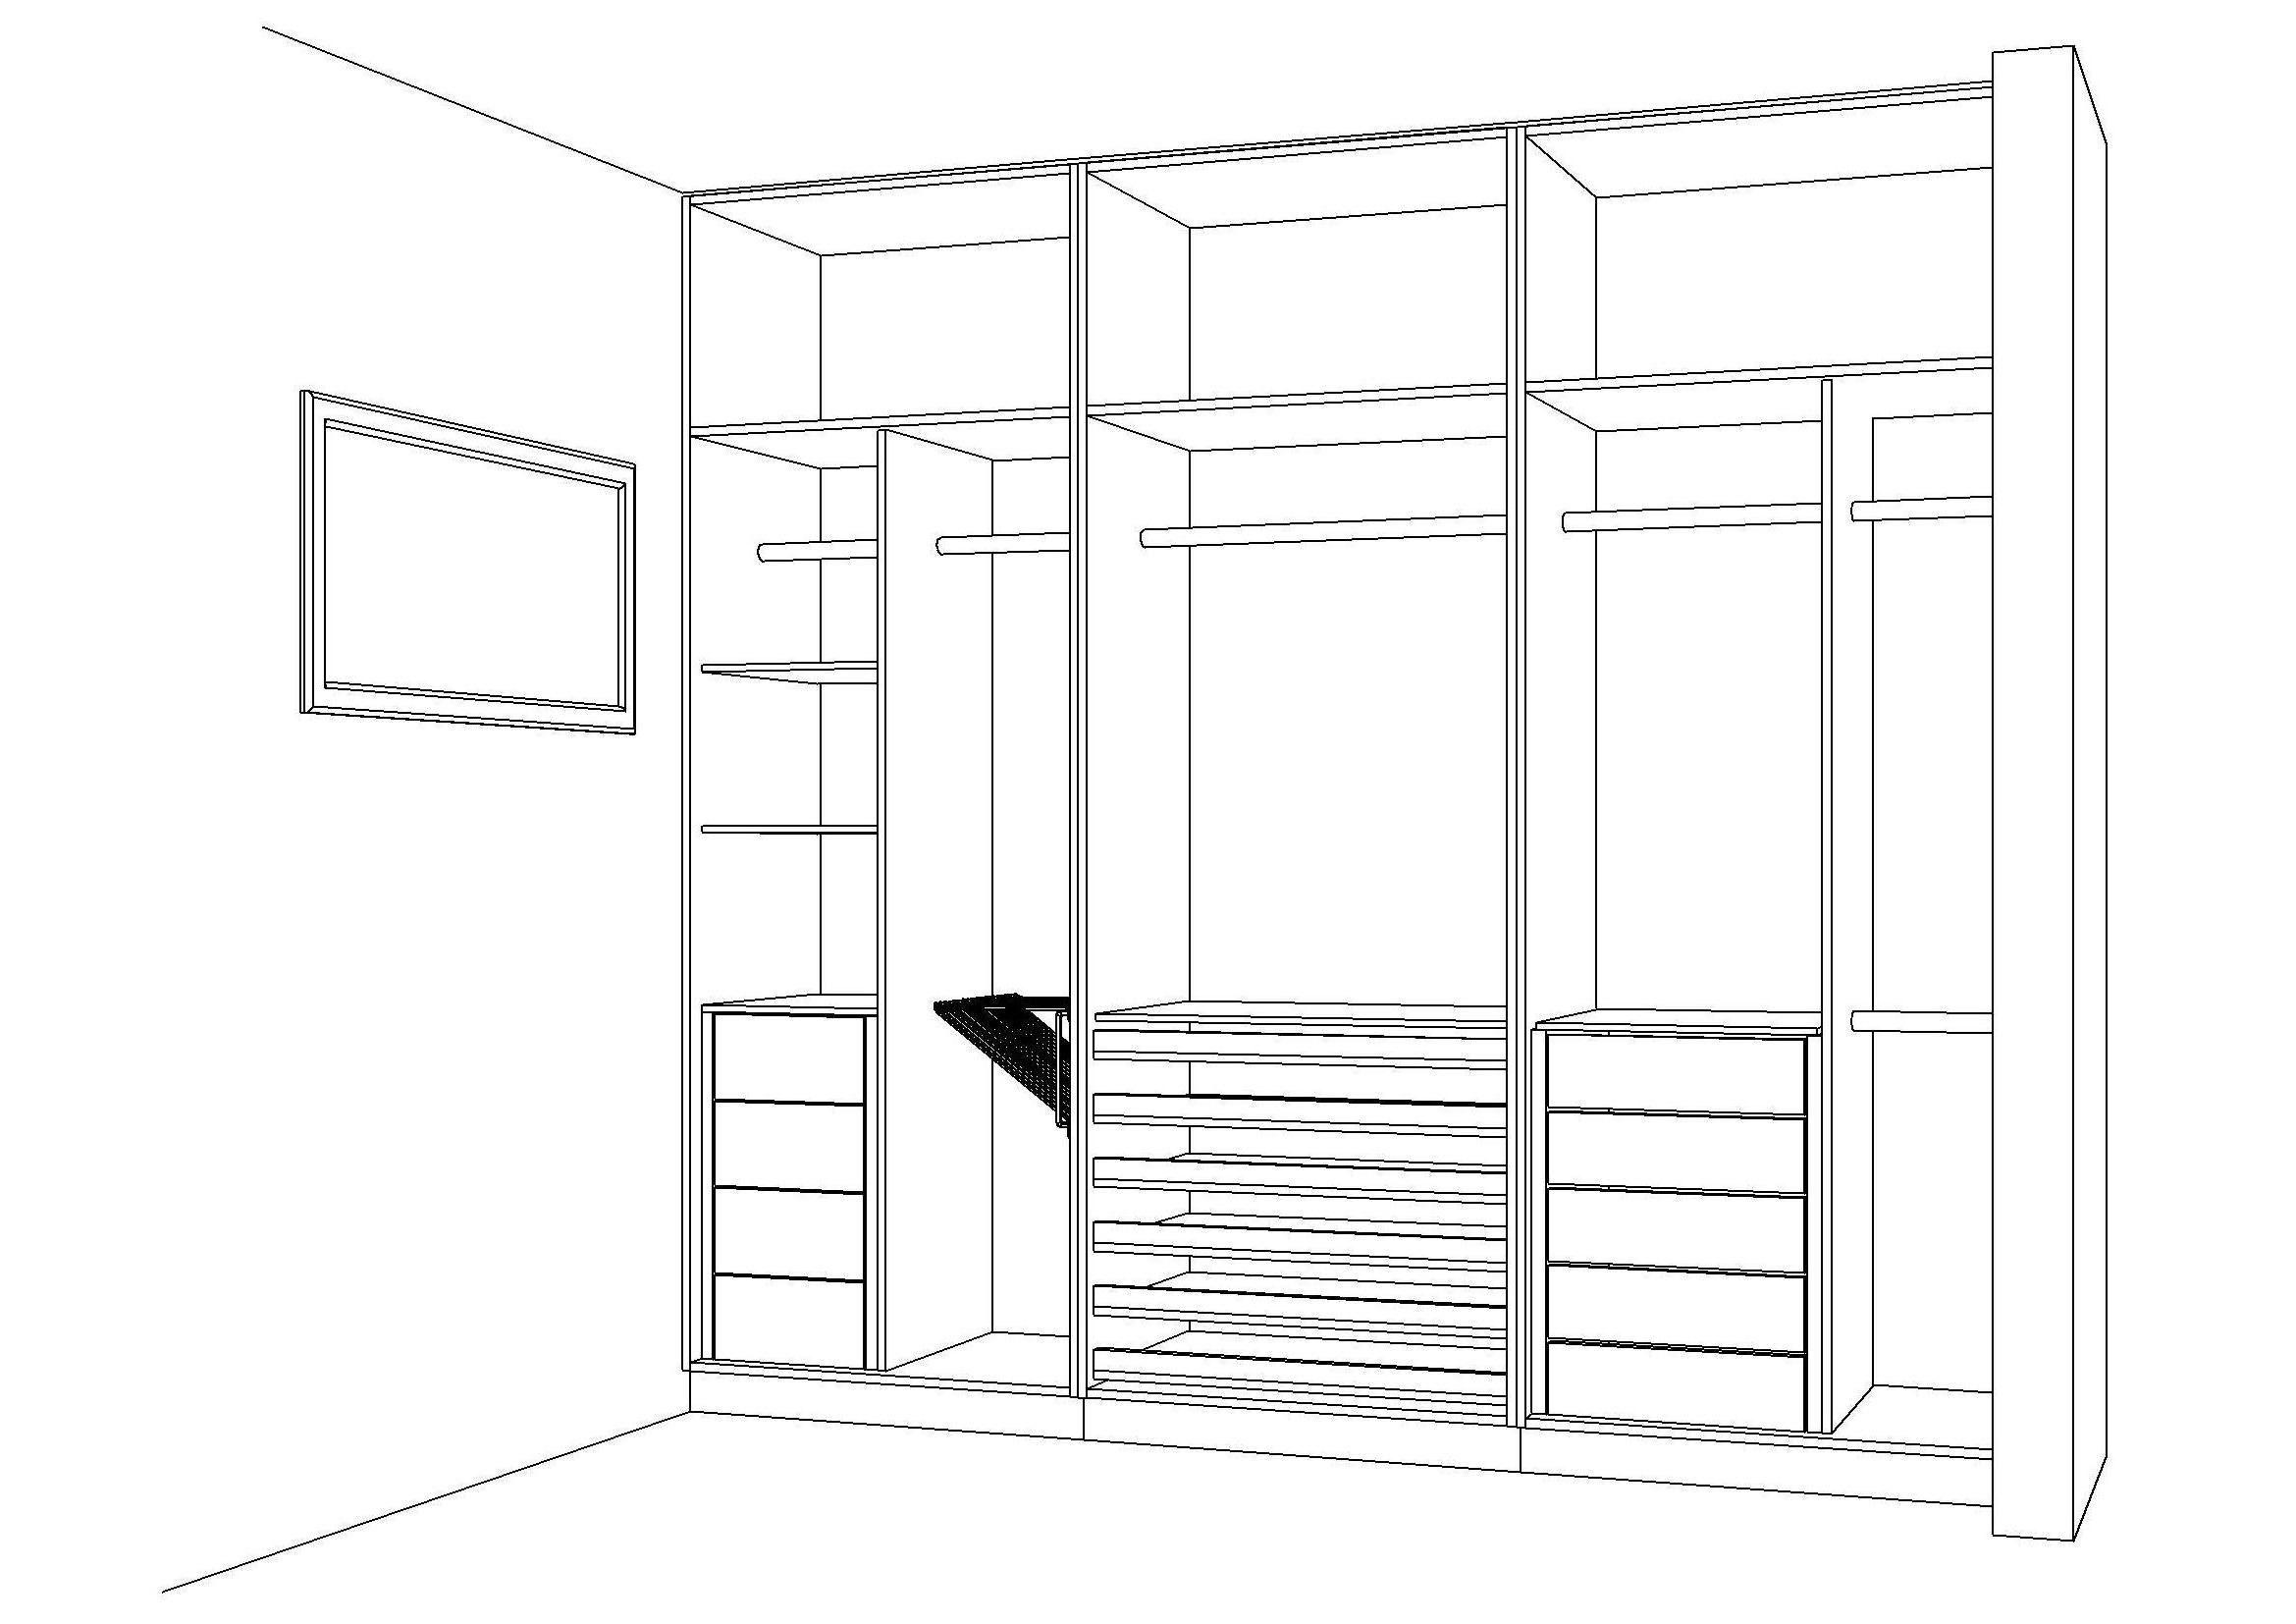 Aparador Leroy Merlyn ~ Projetos De Armarios Embutidos Para Quarto Decoraç u00e3o de Quarto home Pinterest Quartos